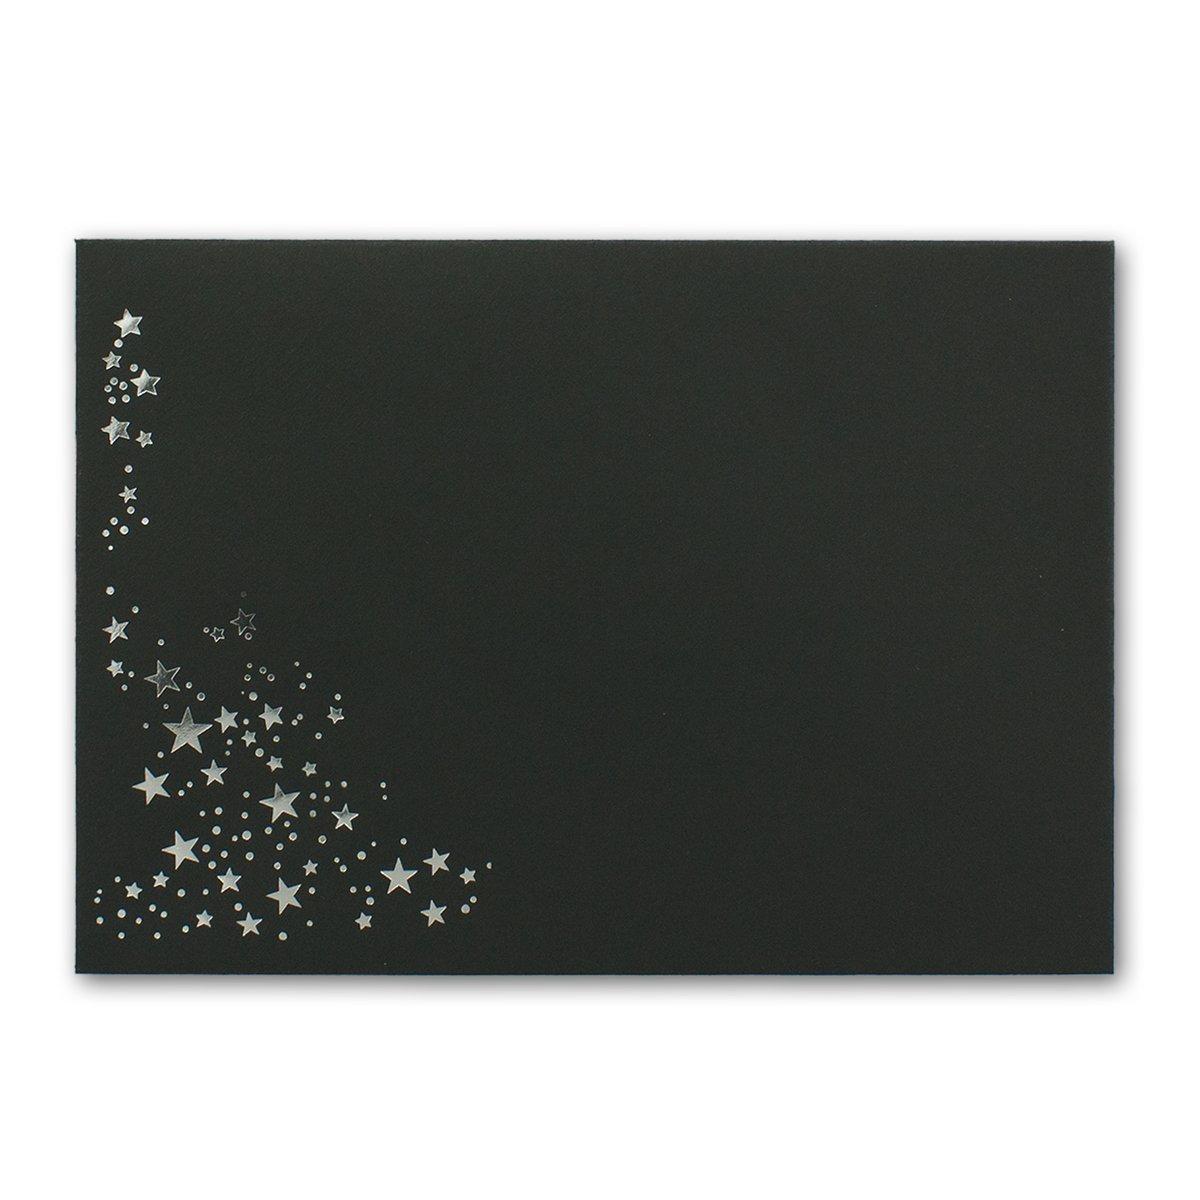 500x Weihnachts-Briefumschläge     DIN C5   mit Gold-Metallic geprägtem Sternenregen, festlich matter Umschlag in Sandbraun   Nassklebung, 120 g m²   157 x 225 mm   Marke  GUSTAV NEUSER® B07CHMJTJ1 | Berühmter Laden  | Ideales Geschenk f 43a635